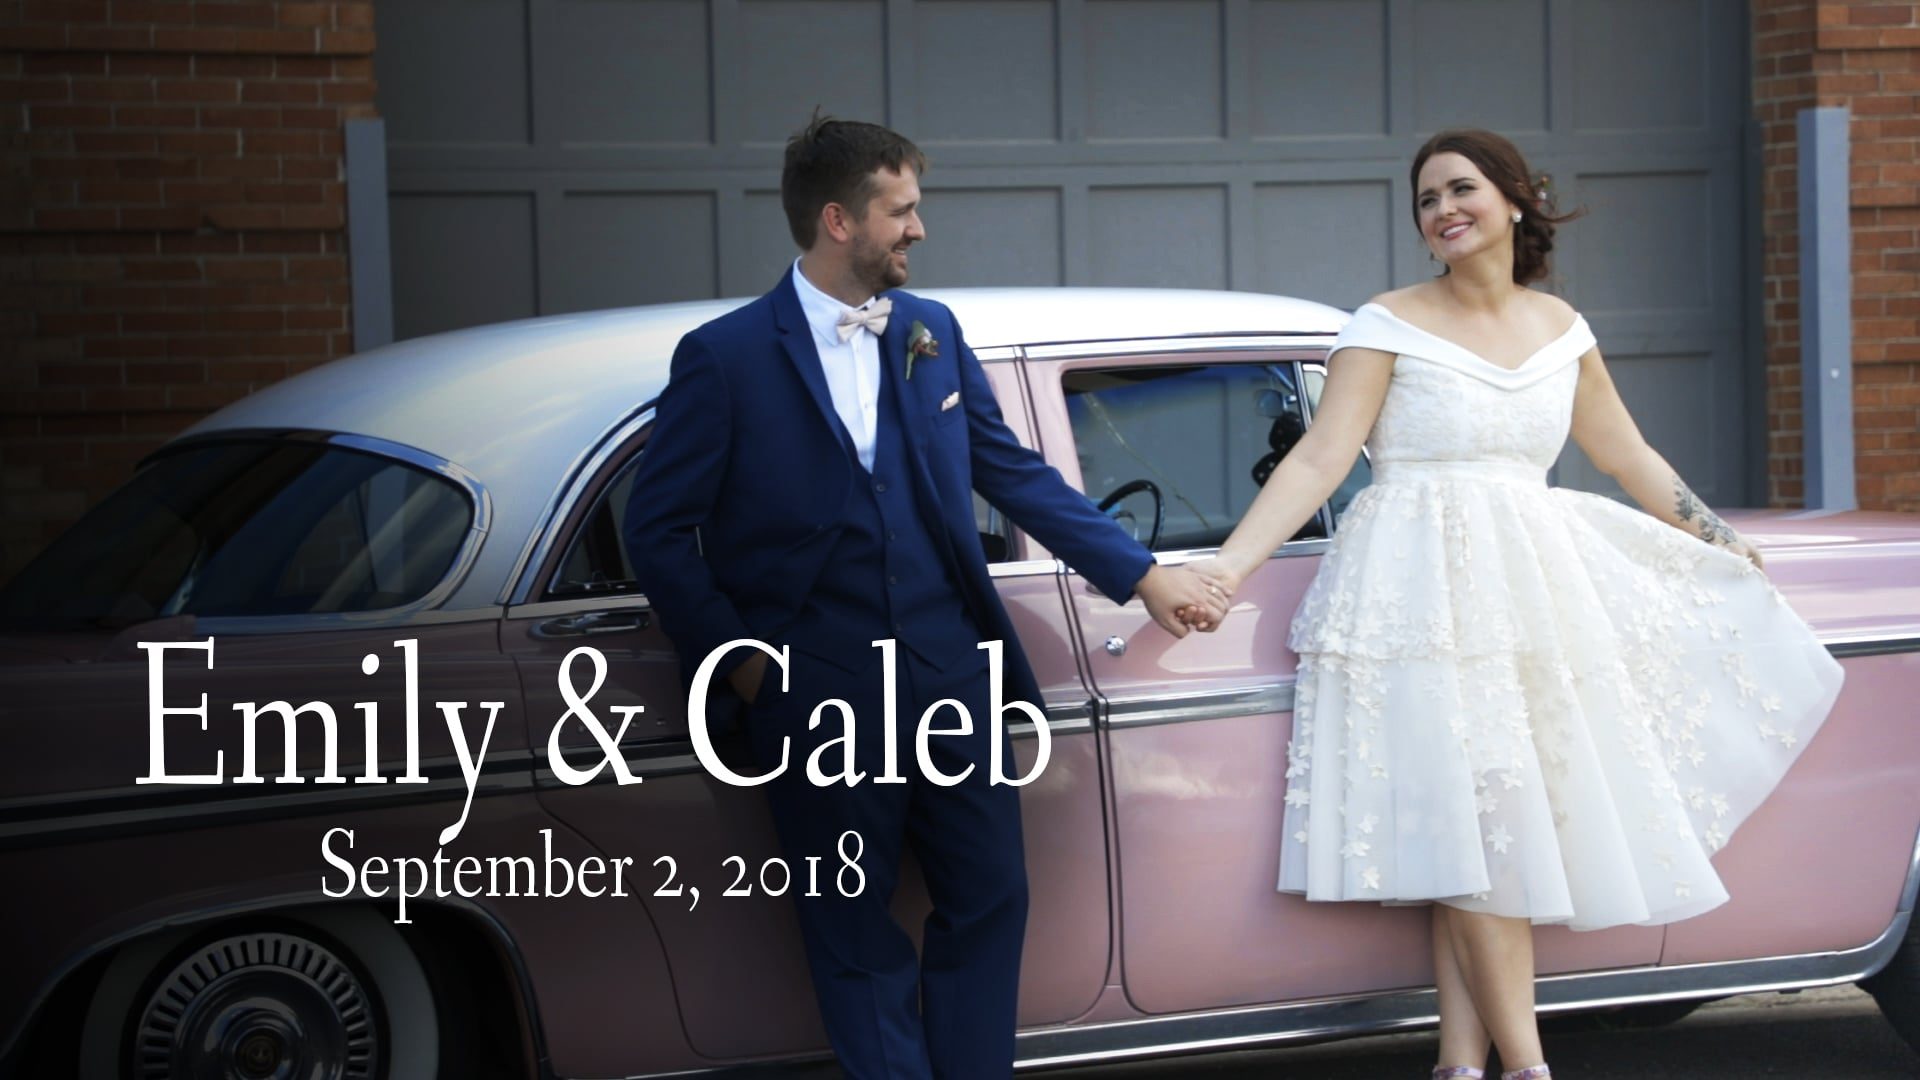 Emily & Caleb Wedding Film